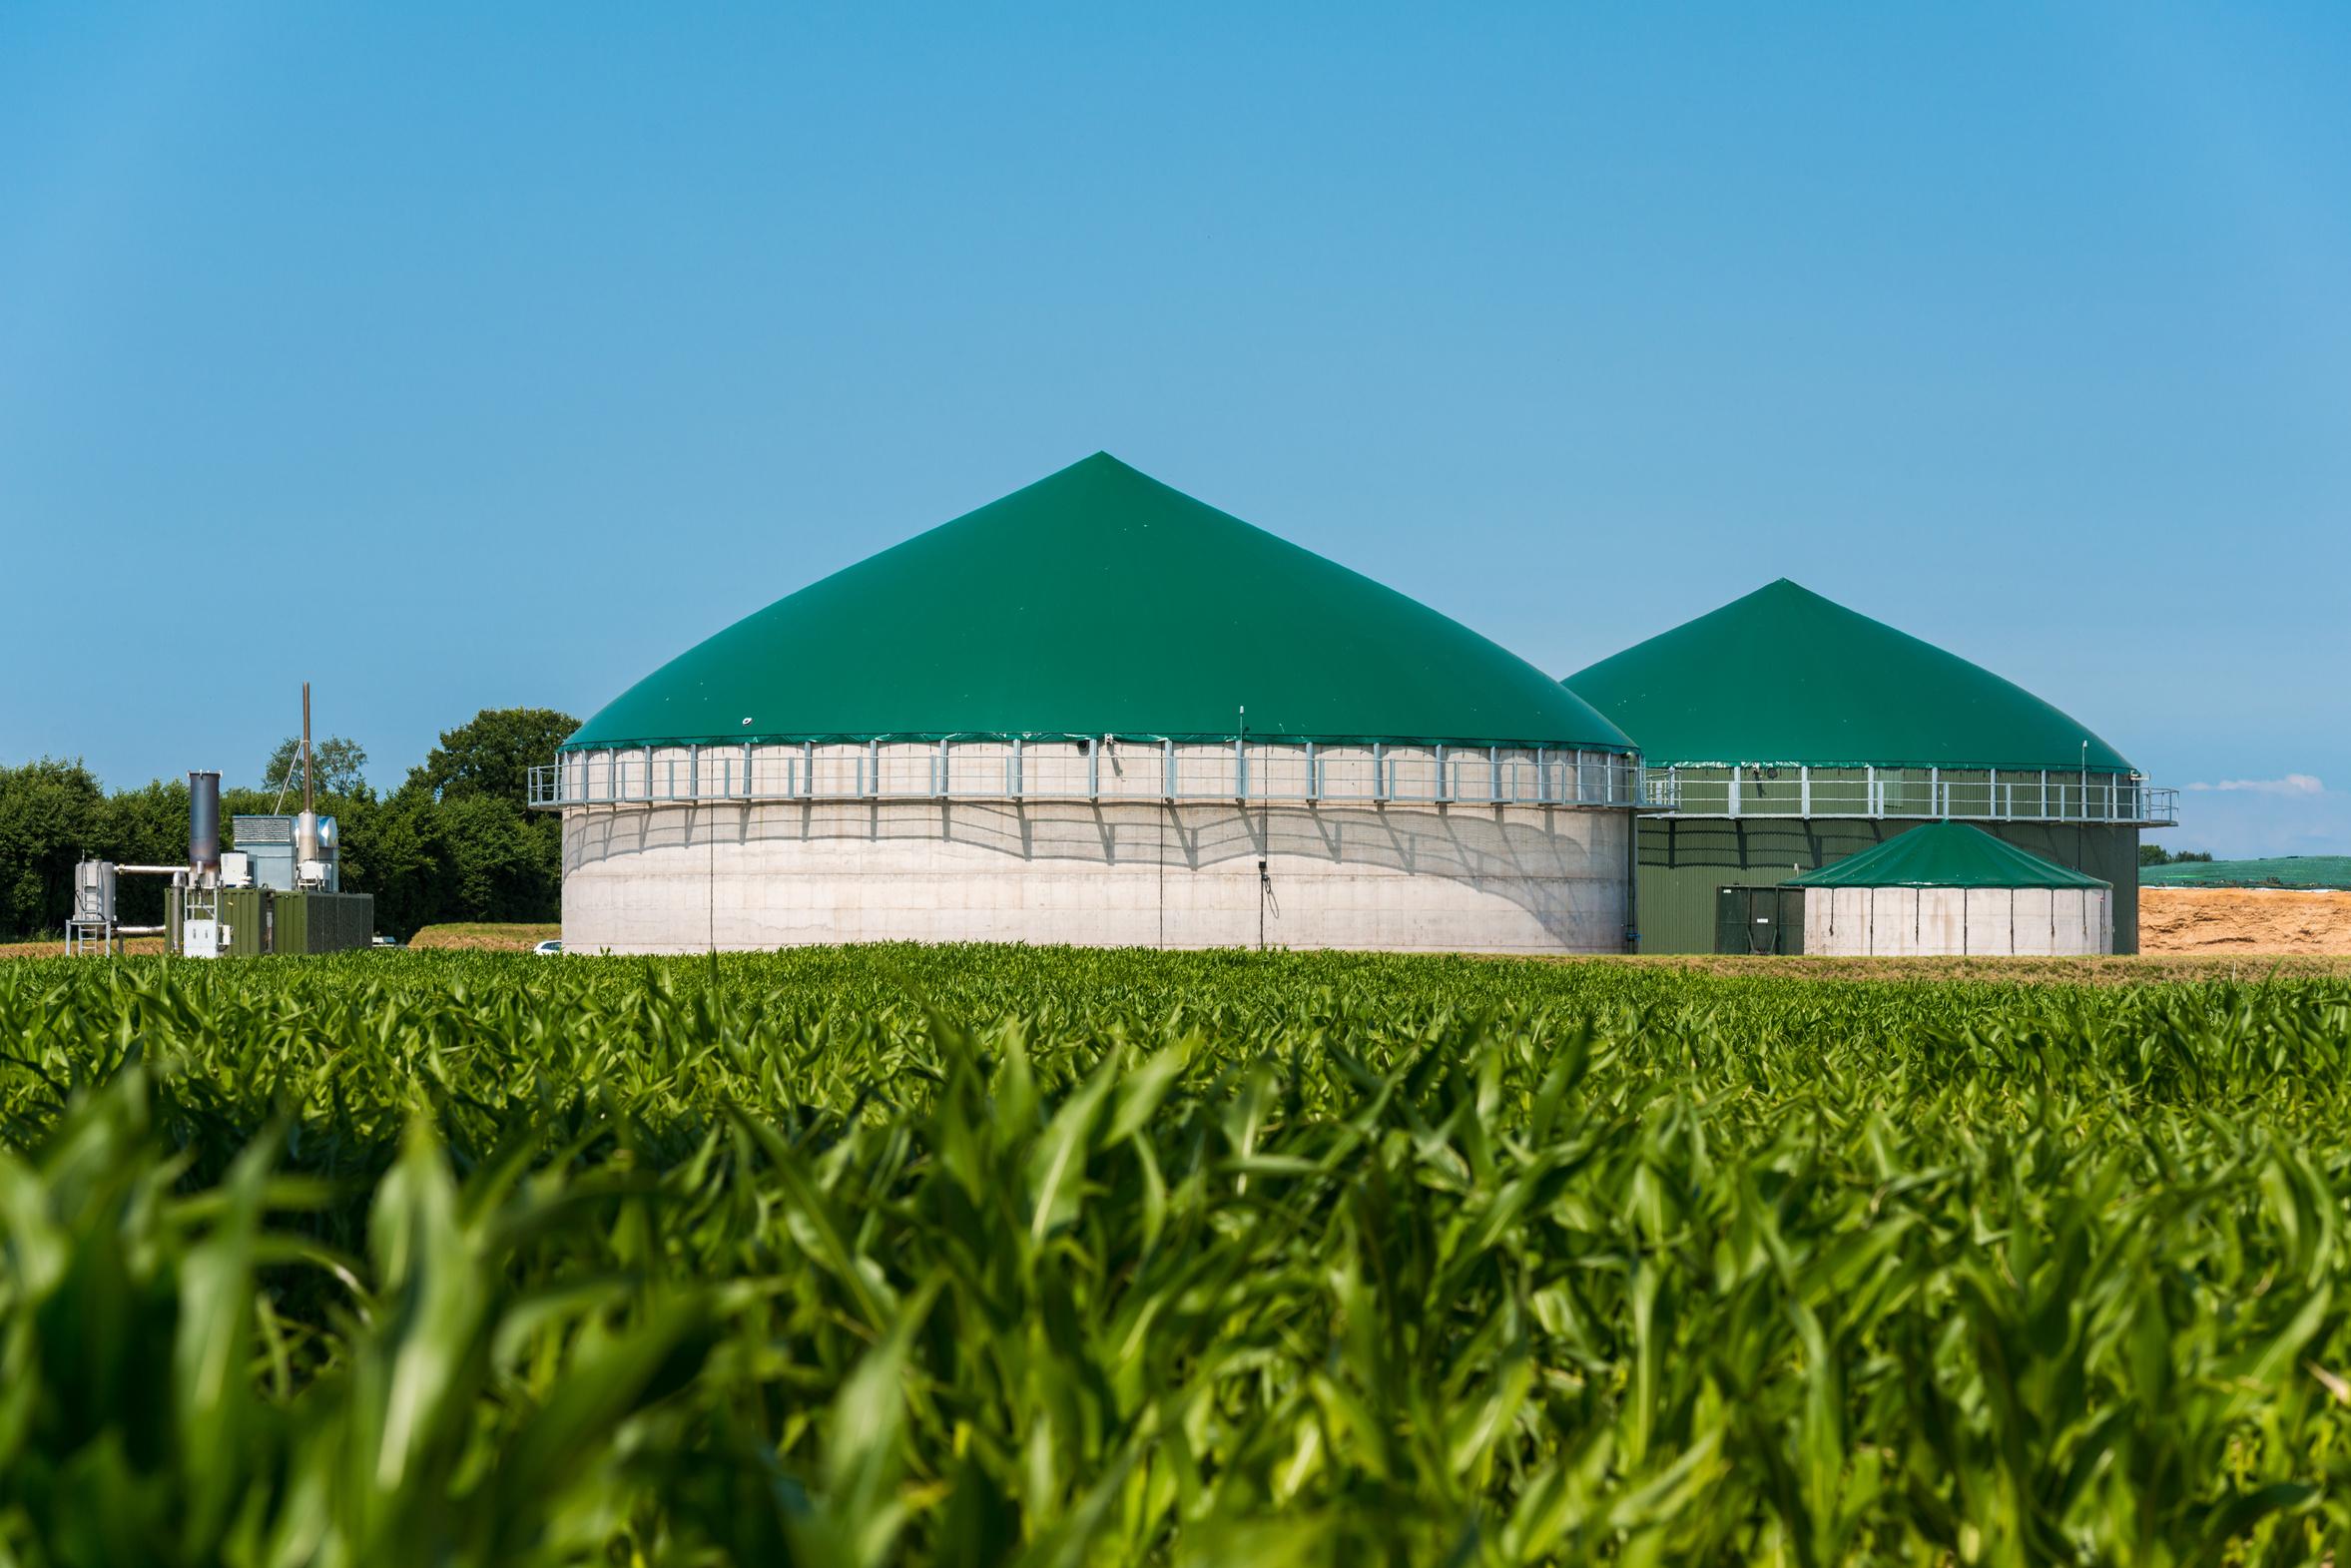 Biogasanlage, davor ein Maisfeld